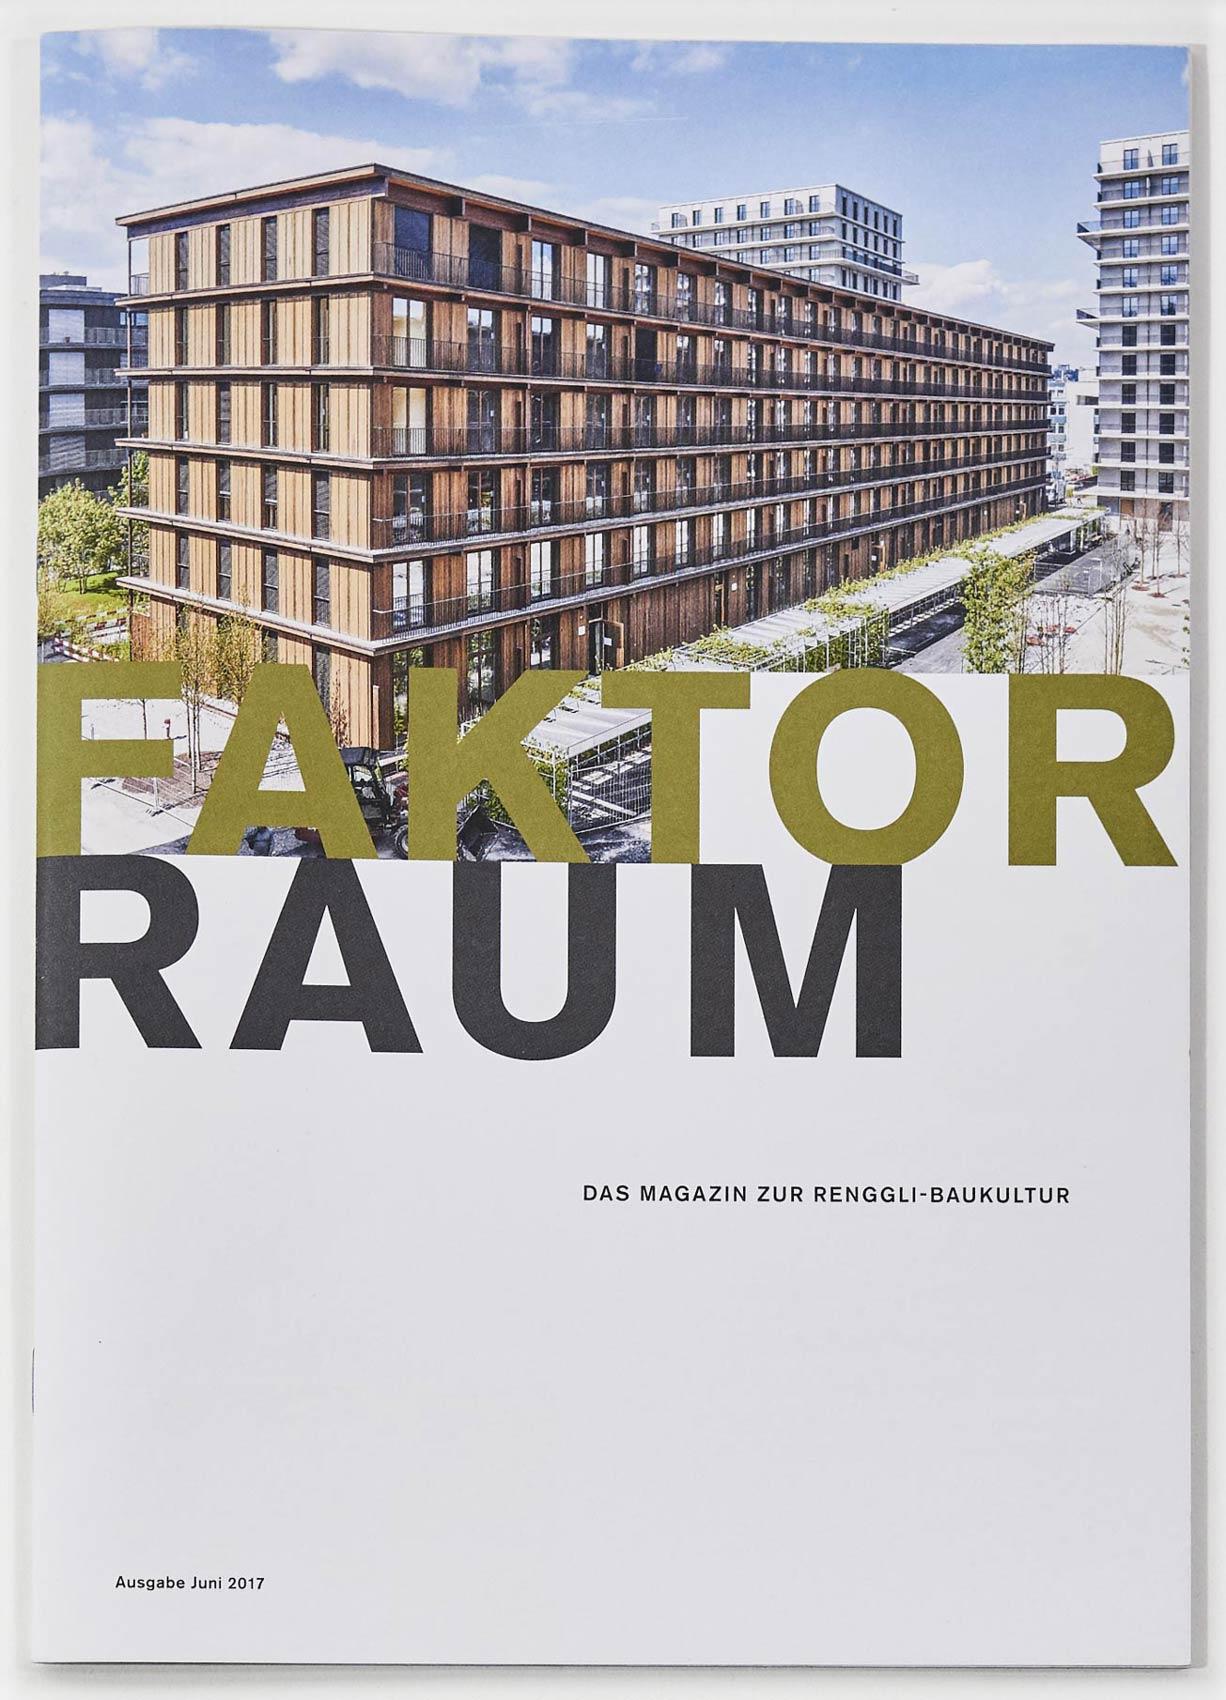 18_Faktor_raum_2_b.jpg